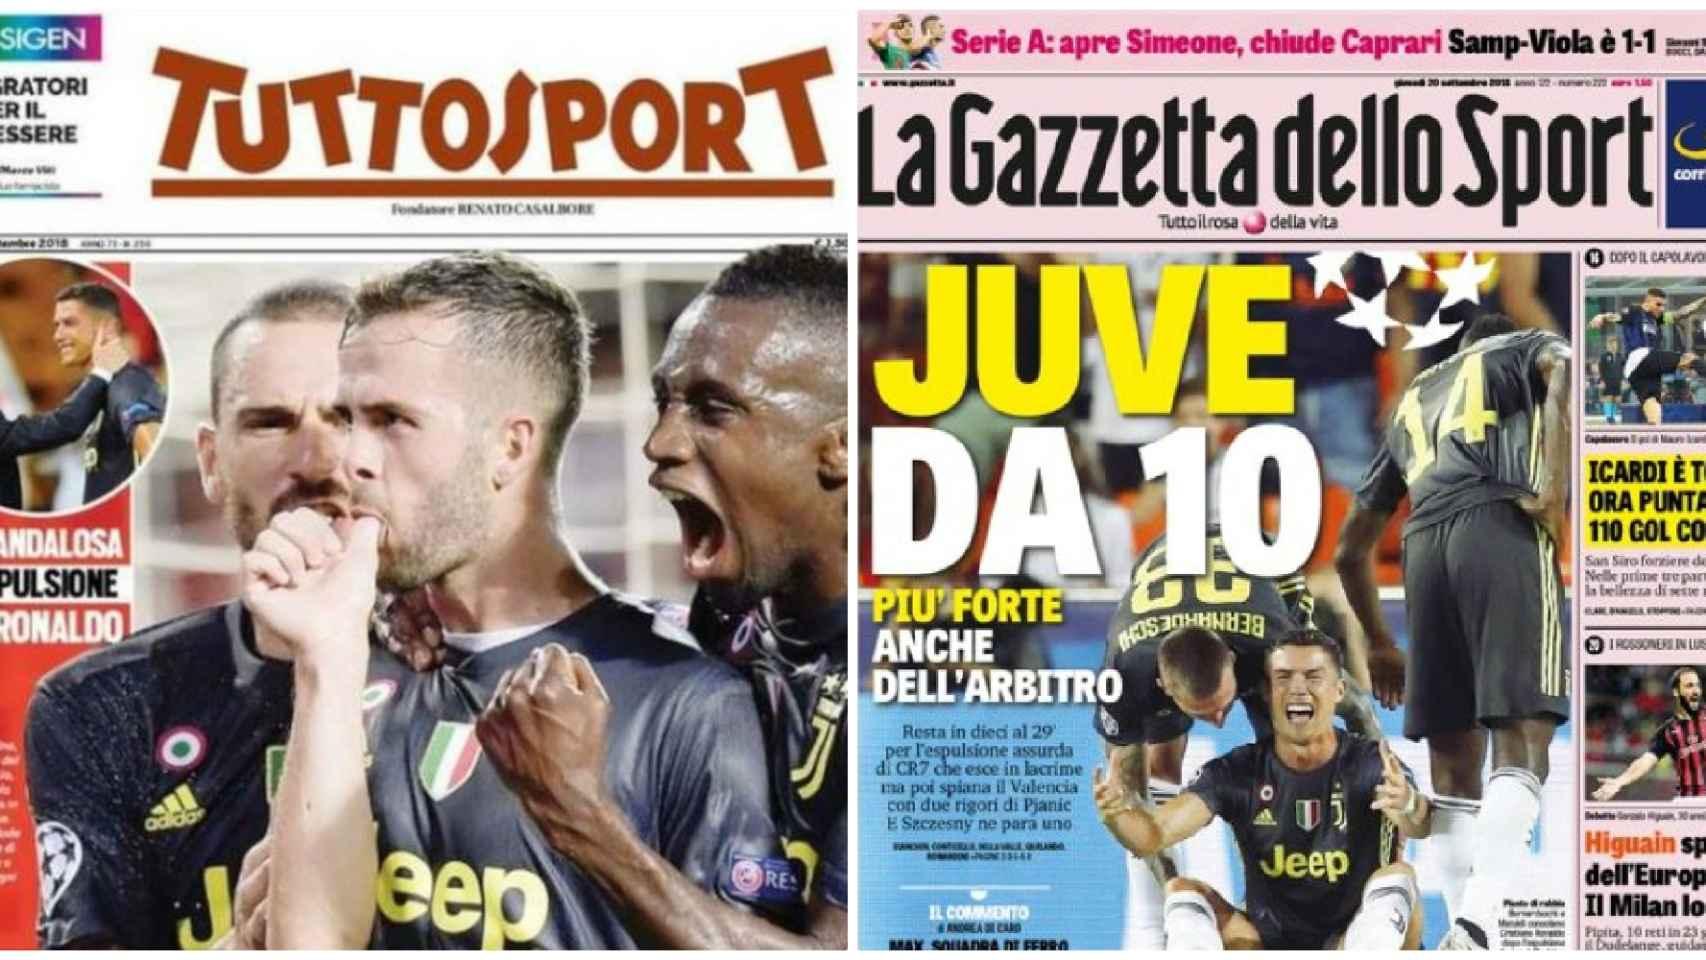 Las reacciones desde Italia.